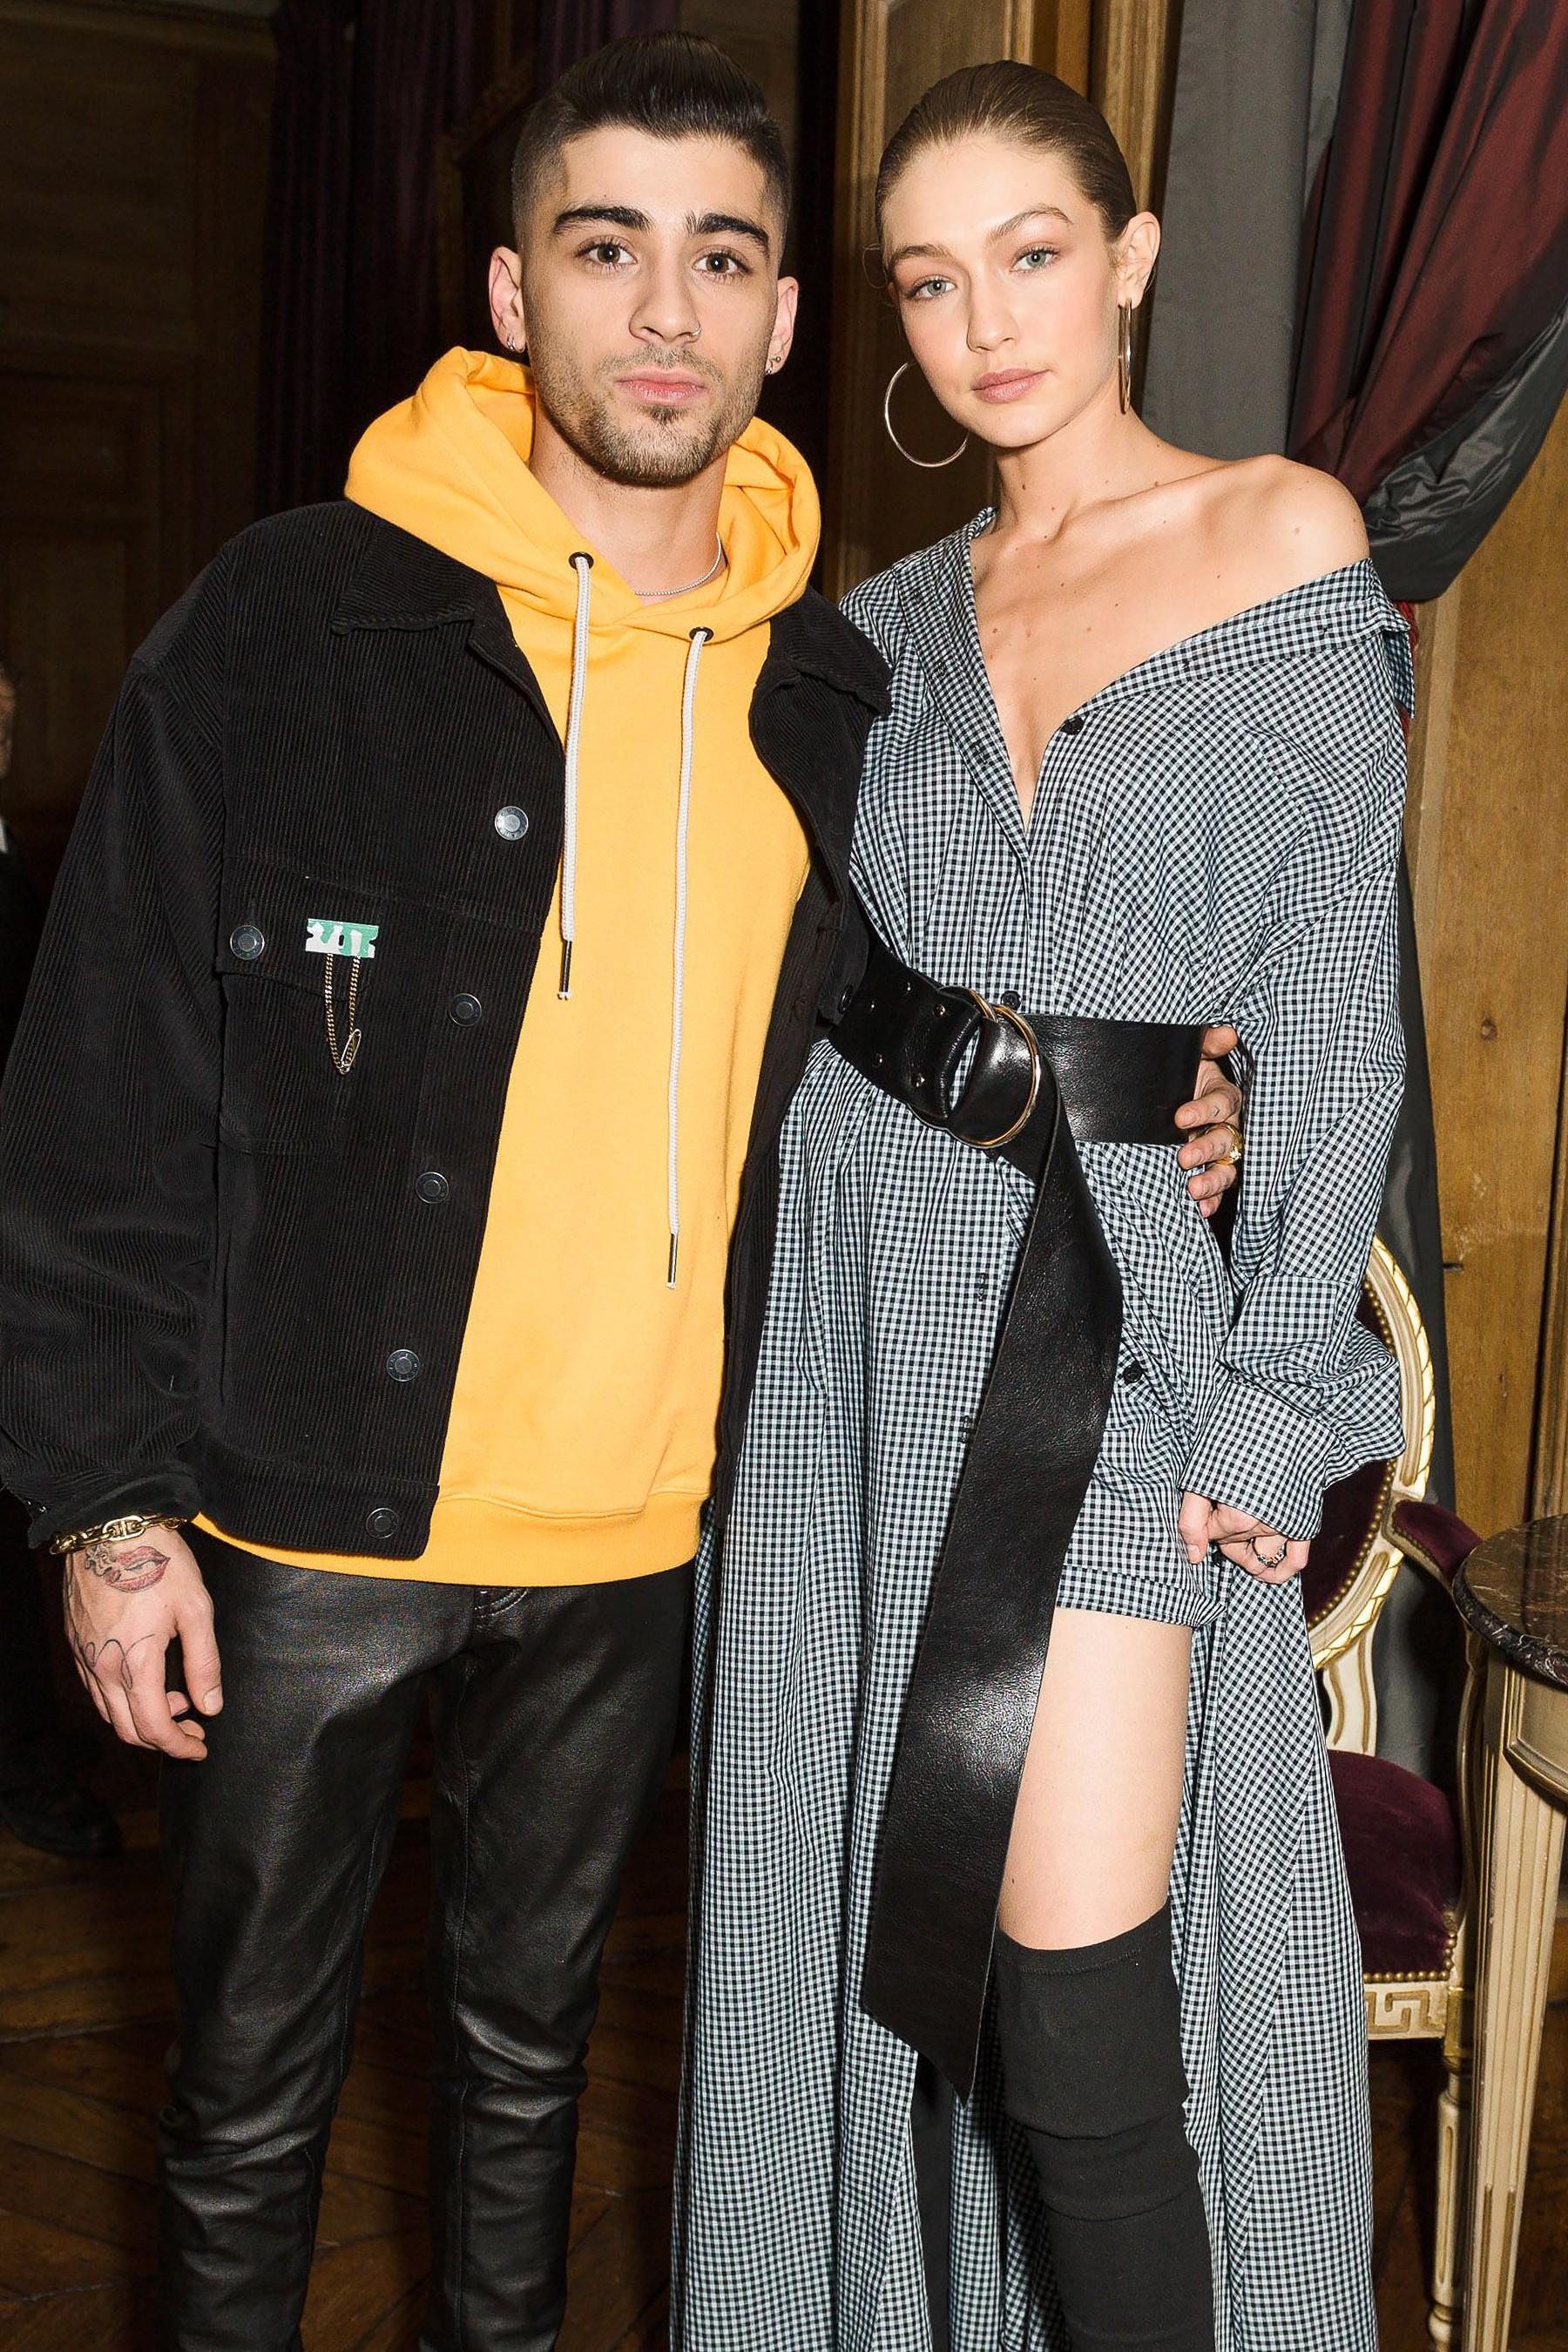 Sau tin chia tay Zayn, hành động này của Gigi Hadid lại làm dân tình cảm thấy khó hiểu về quan hệ của cặp đôi - Ảnh 3.